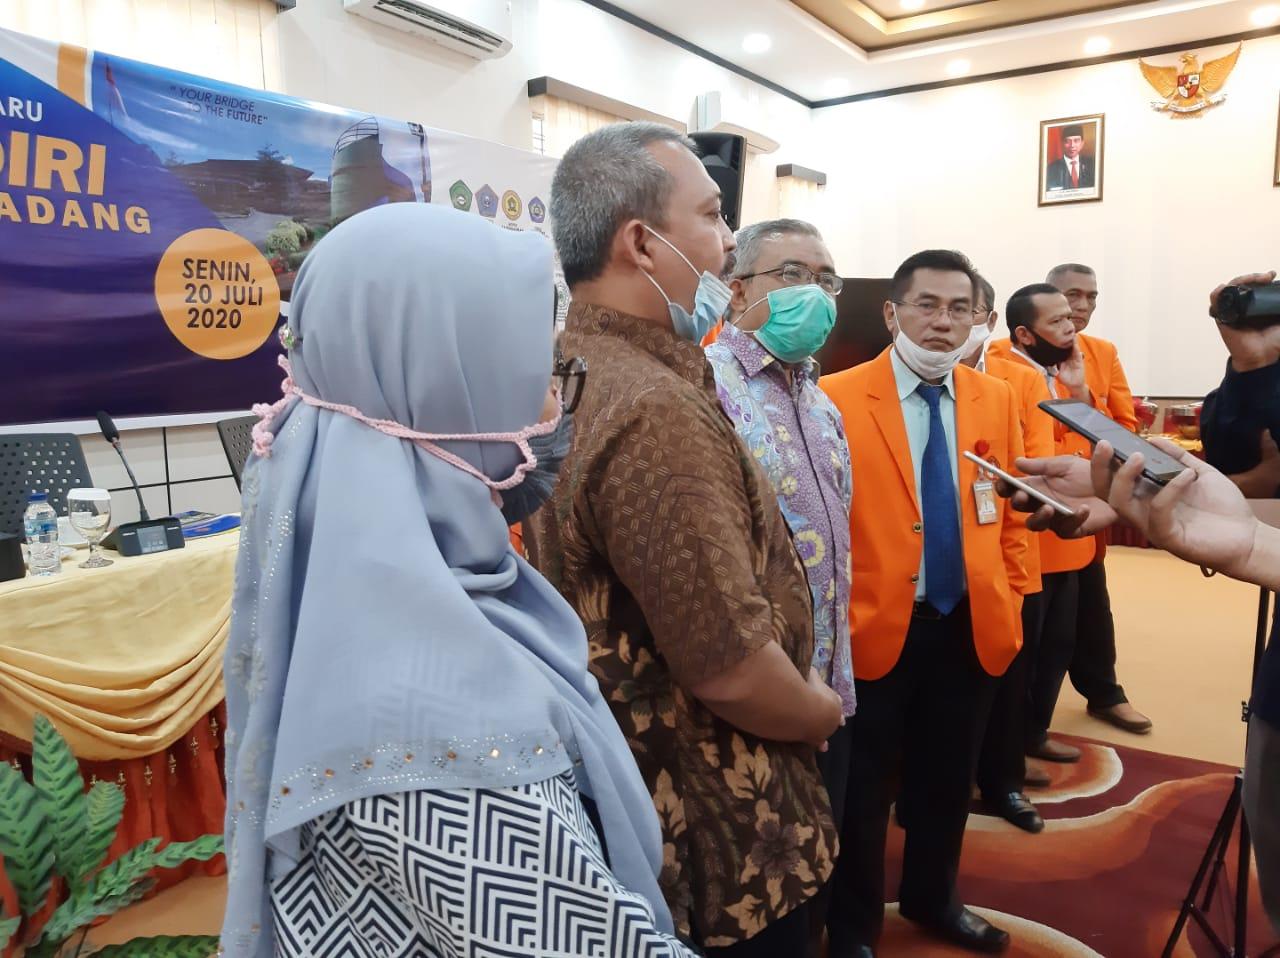 STTIND Padang Buka Kerjasama Penerimaan Mahasiswa Baru Jalur Seleksi Mandiri Bersama Politeknik Negeri Padang, Buruan Daftar !